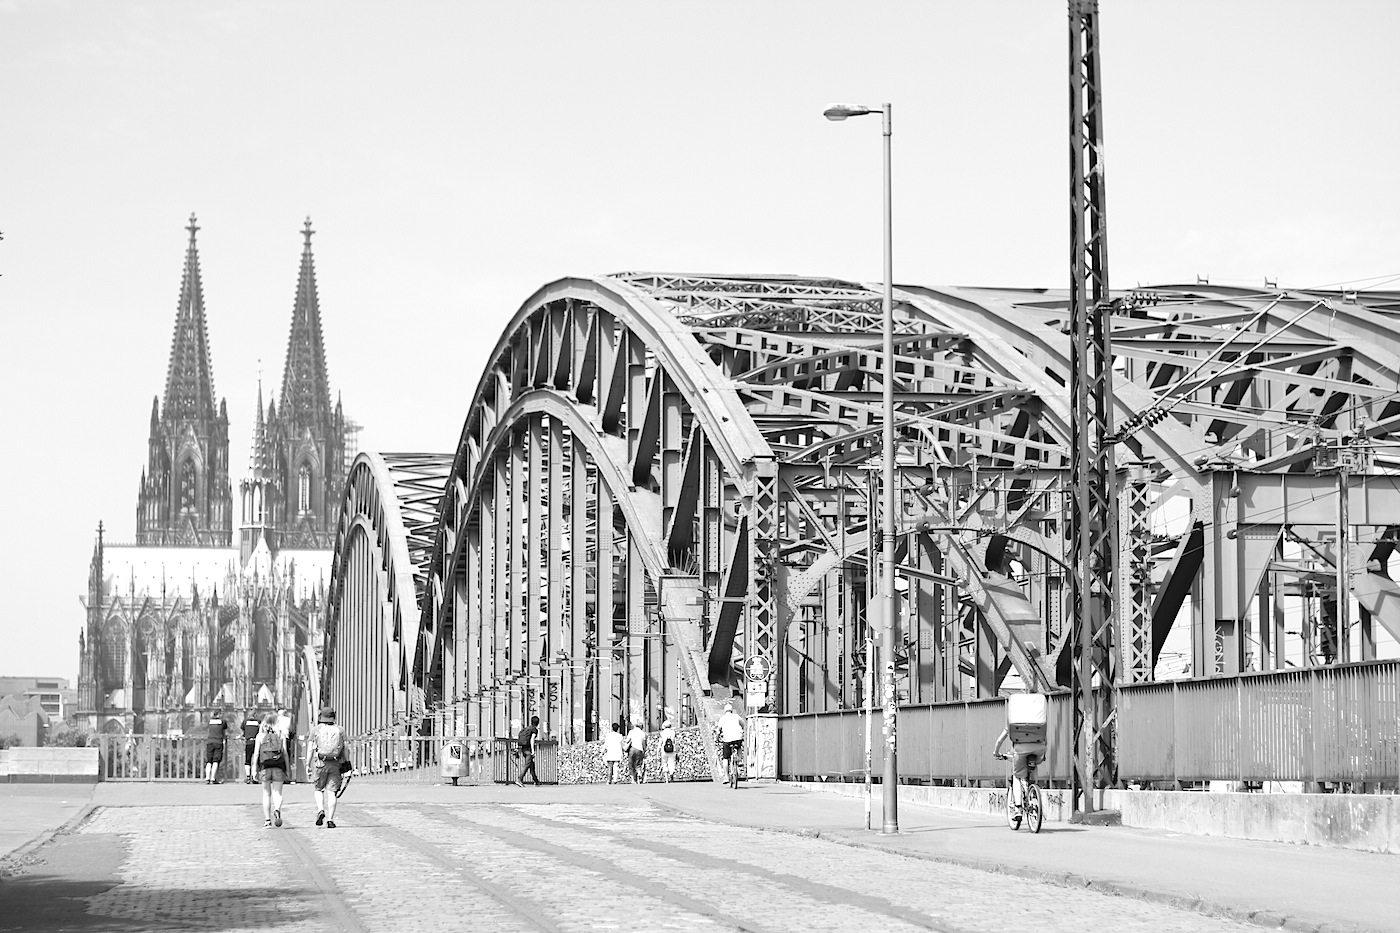 Dom von Osten. mit der 1911 errichteten Hohenzollernbrücke. Franz Schwechten entwarf die Portale und Türme; Friedrich Dircksen, Fritz Beermann (EBD Köln) waren für die Stahlbögen und Konstruktion verantwortlich. Die Bogenbrücke ist knapp 410 Meter lang und knapp 30 Meter breit.